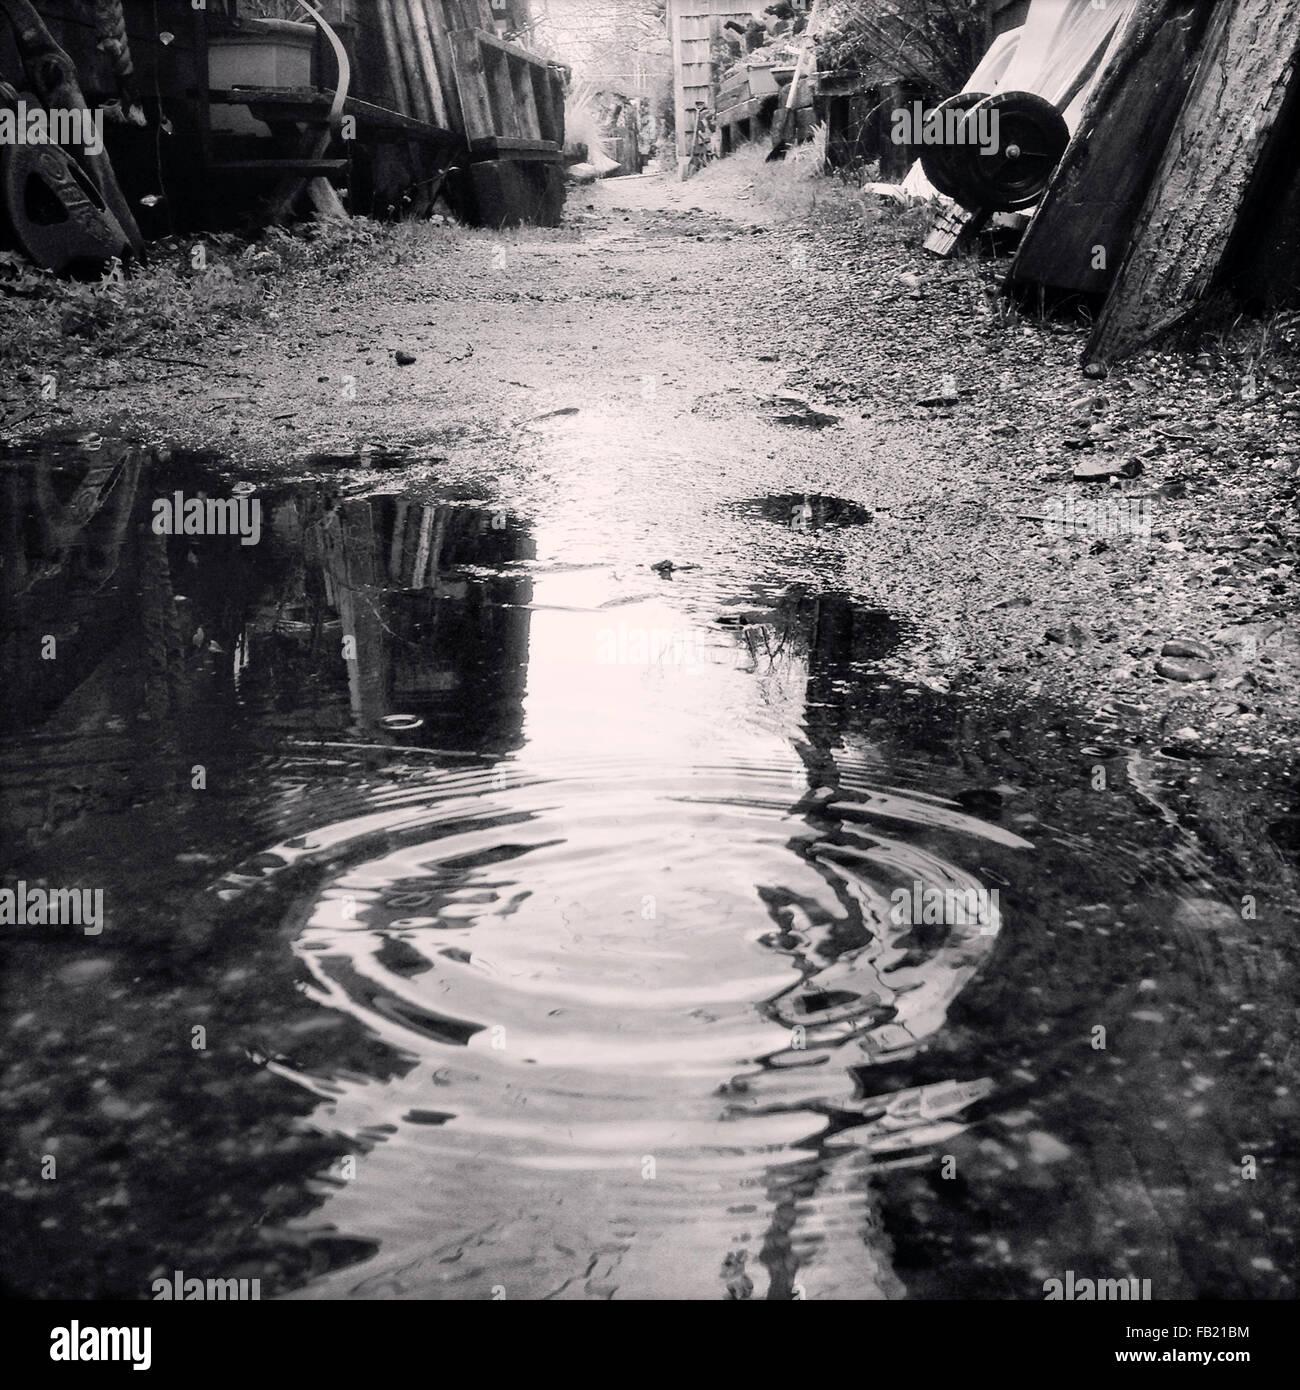 Kikool in puddle Photo Stock